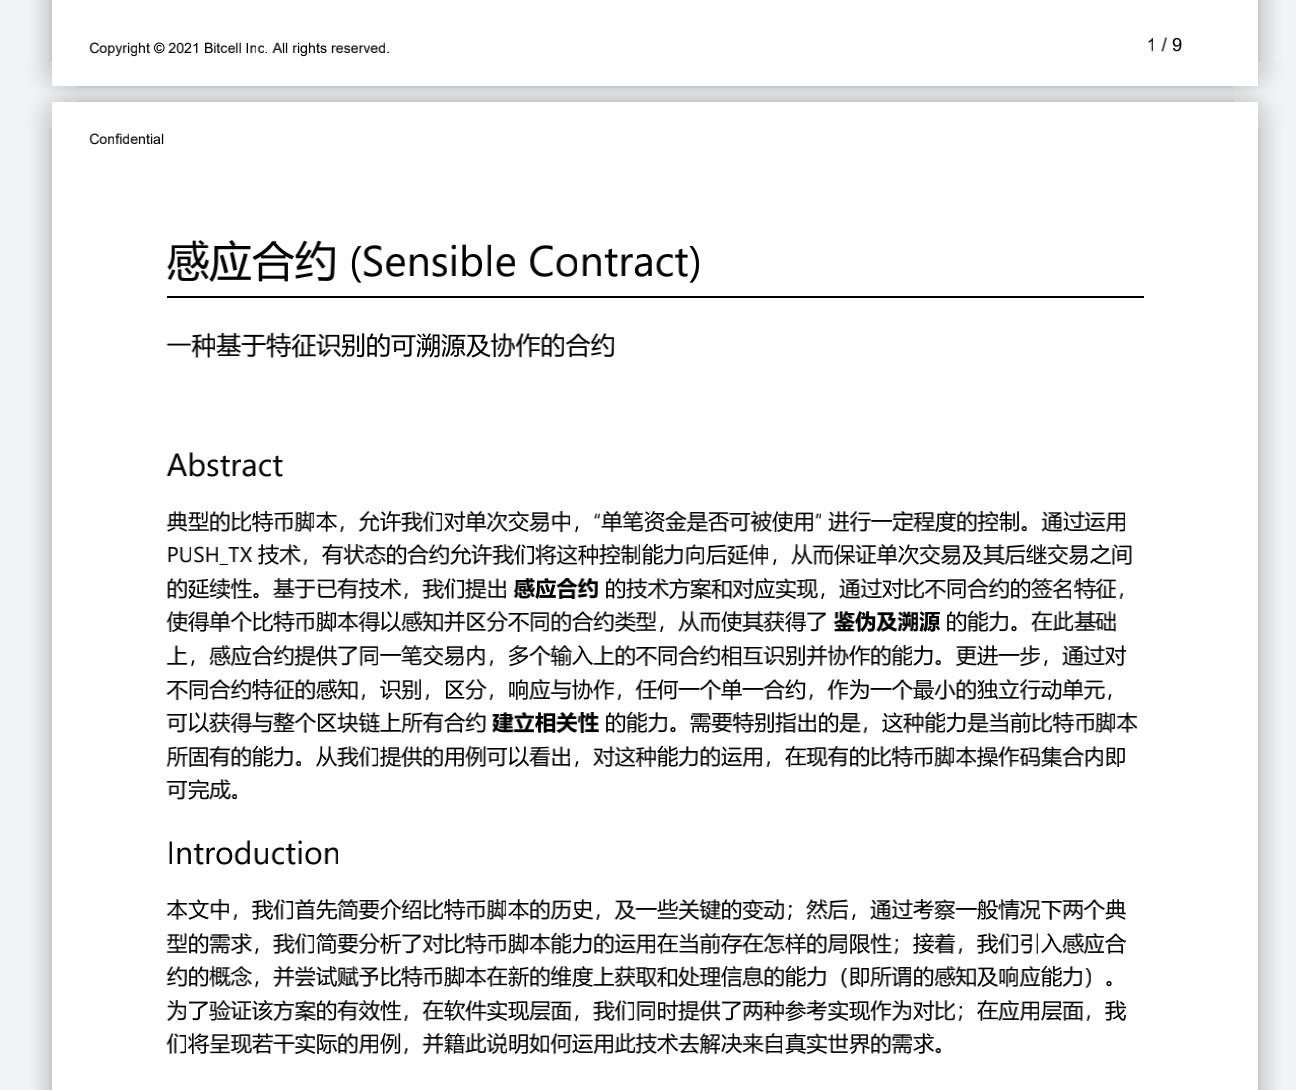 感应合约 Sensible Contract